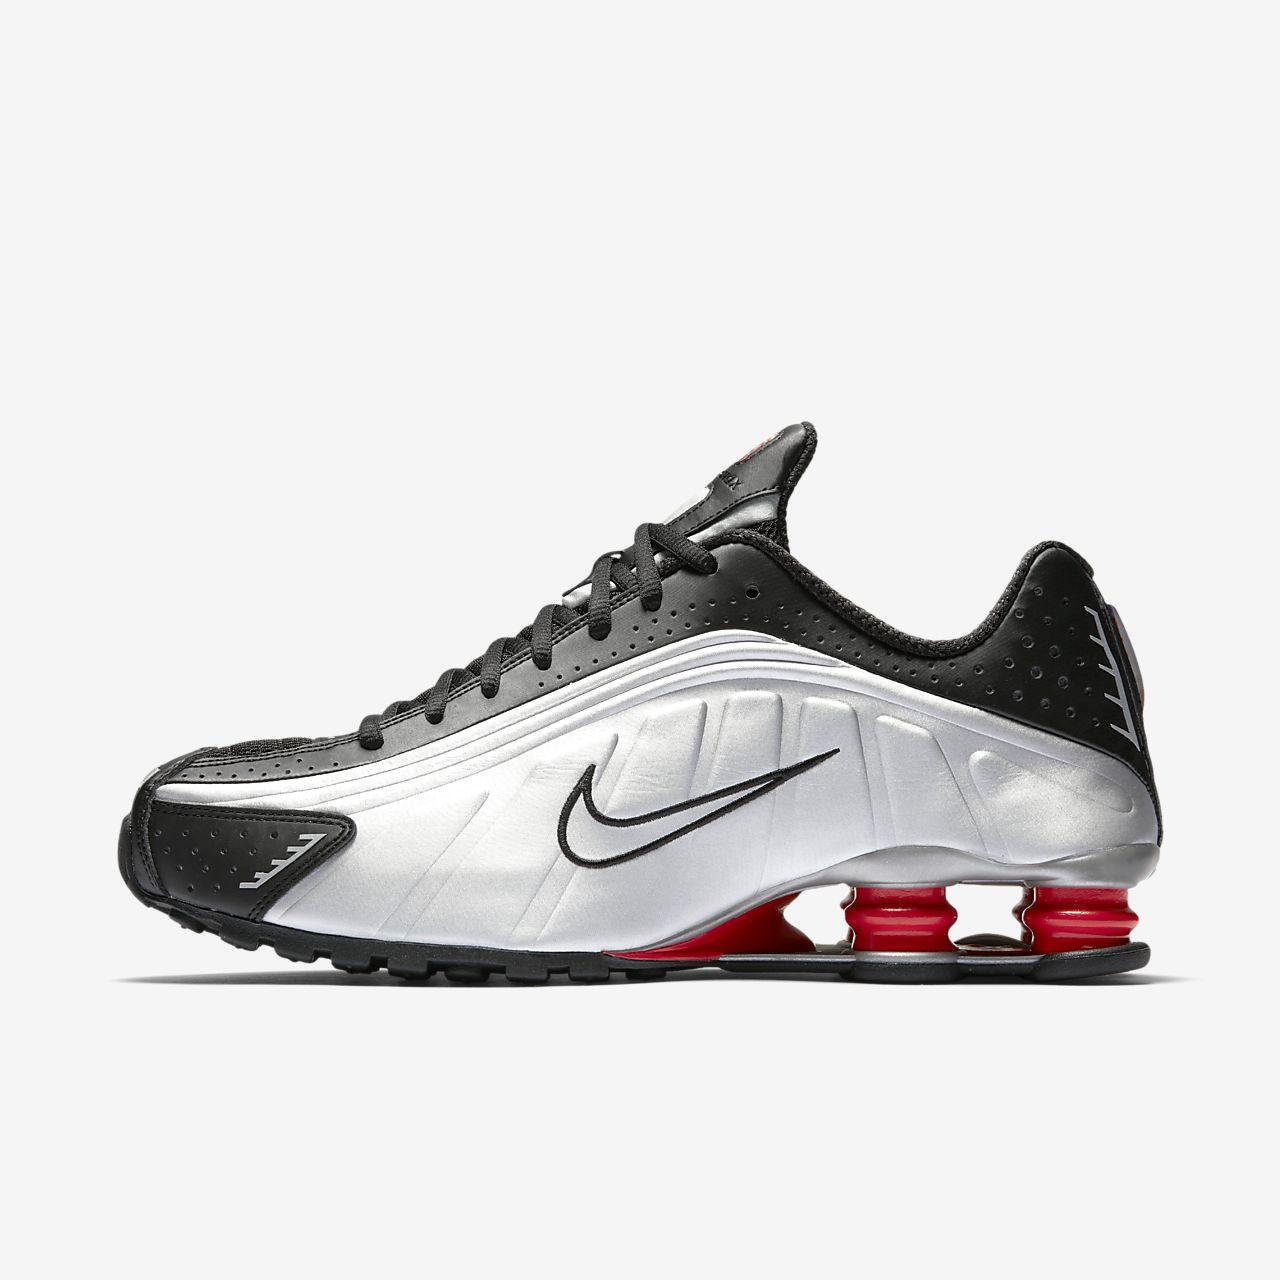 Sko Nike Shox R4